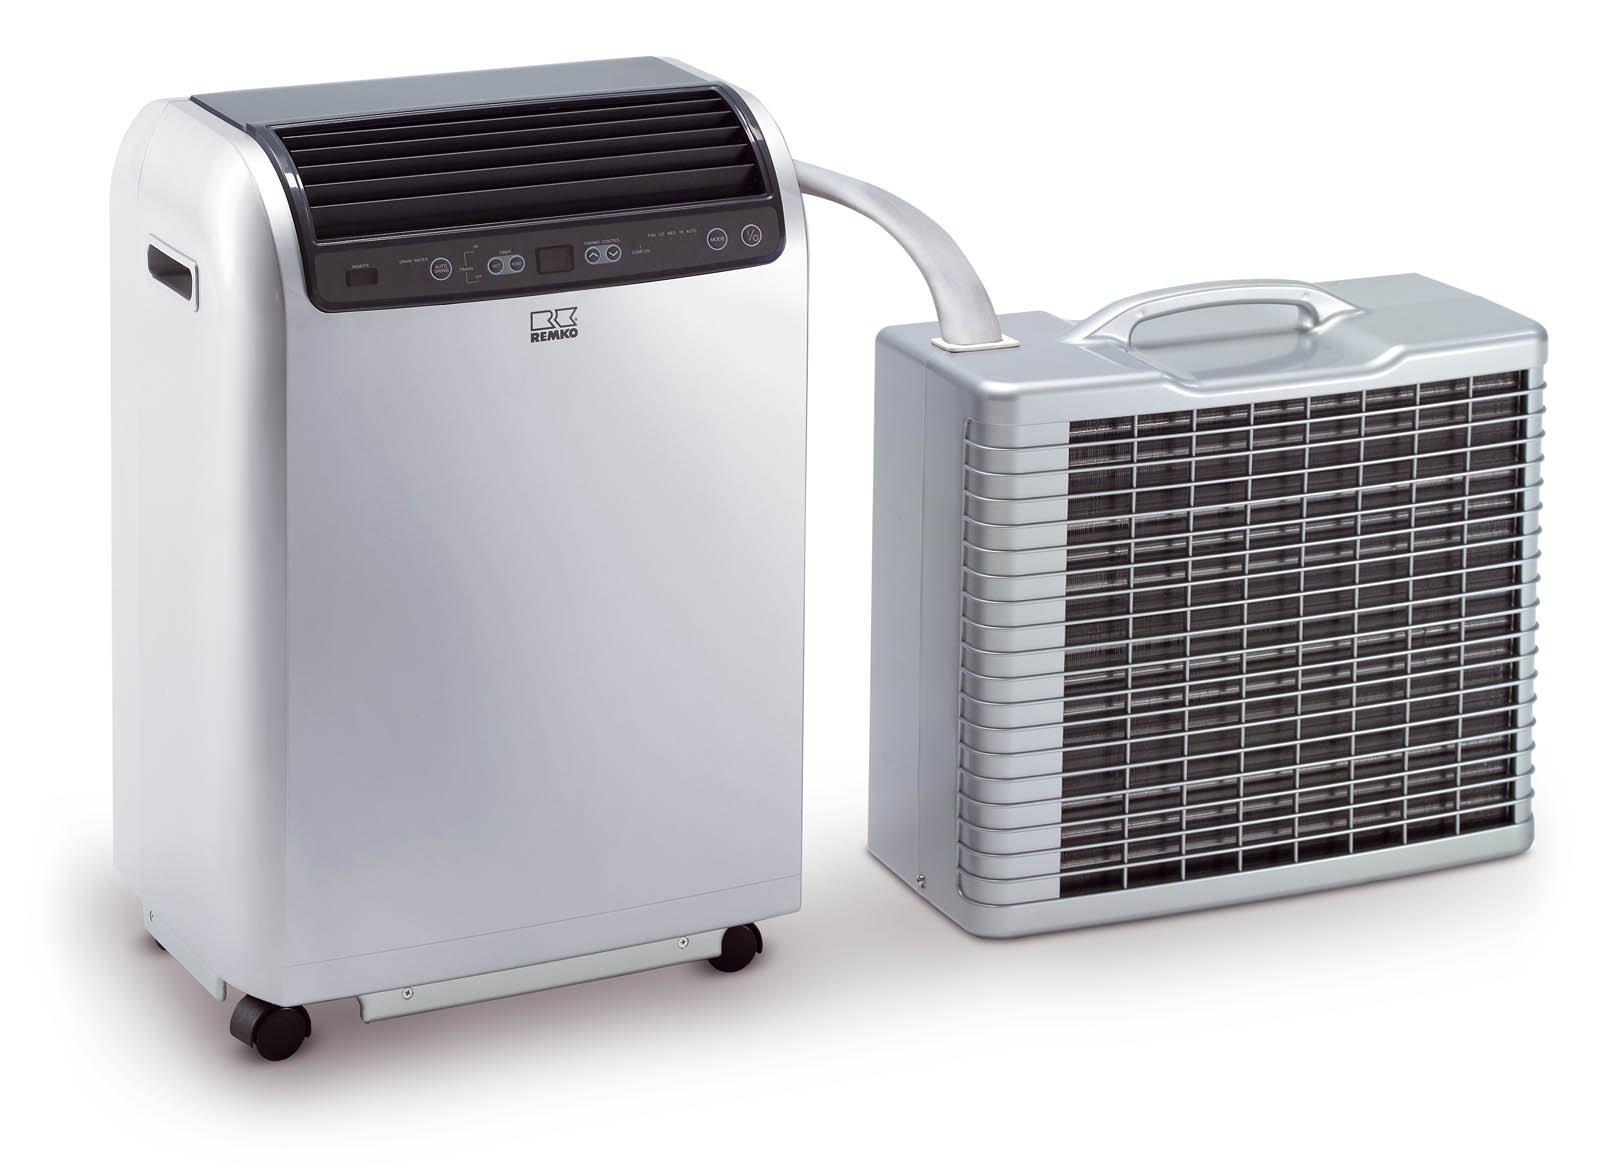 Remko Split Klimagerät RKL 491 DC, mobile und effiziente Klimaanlage, Einsatzbereich 120 qm, hohe Kühlleistung von 4.3…